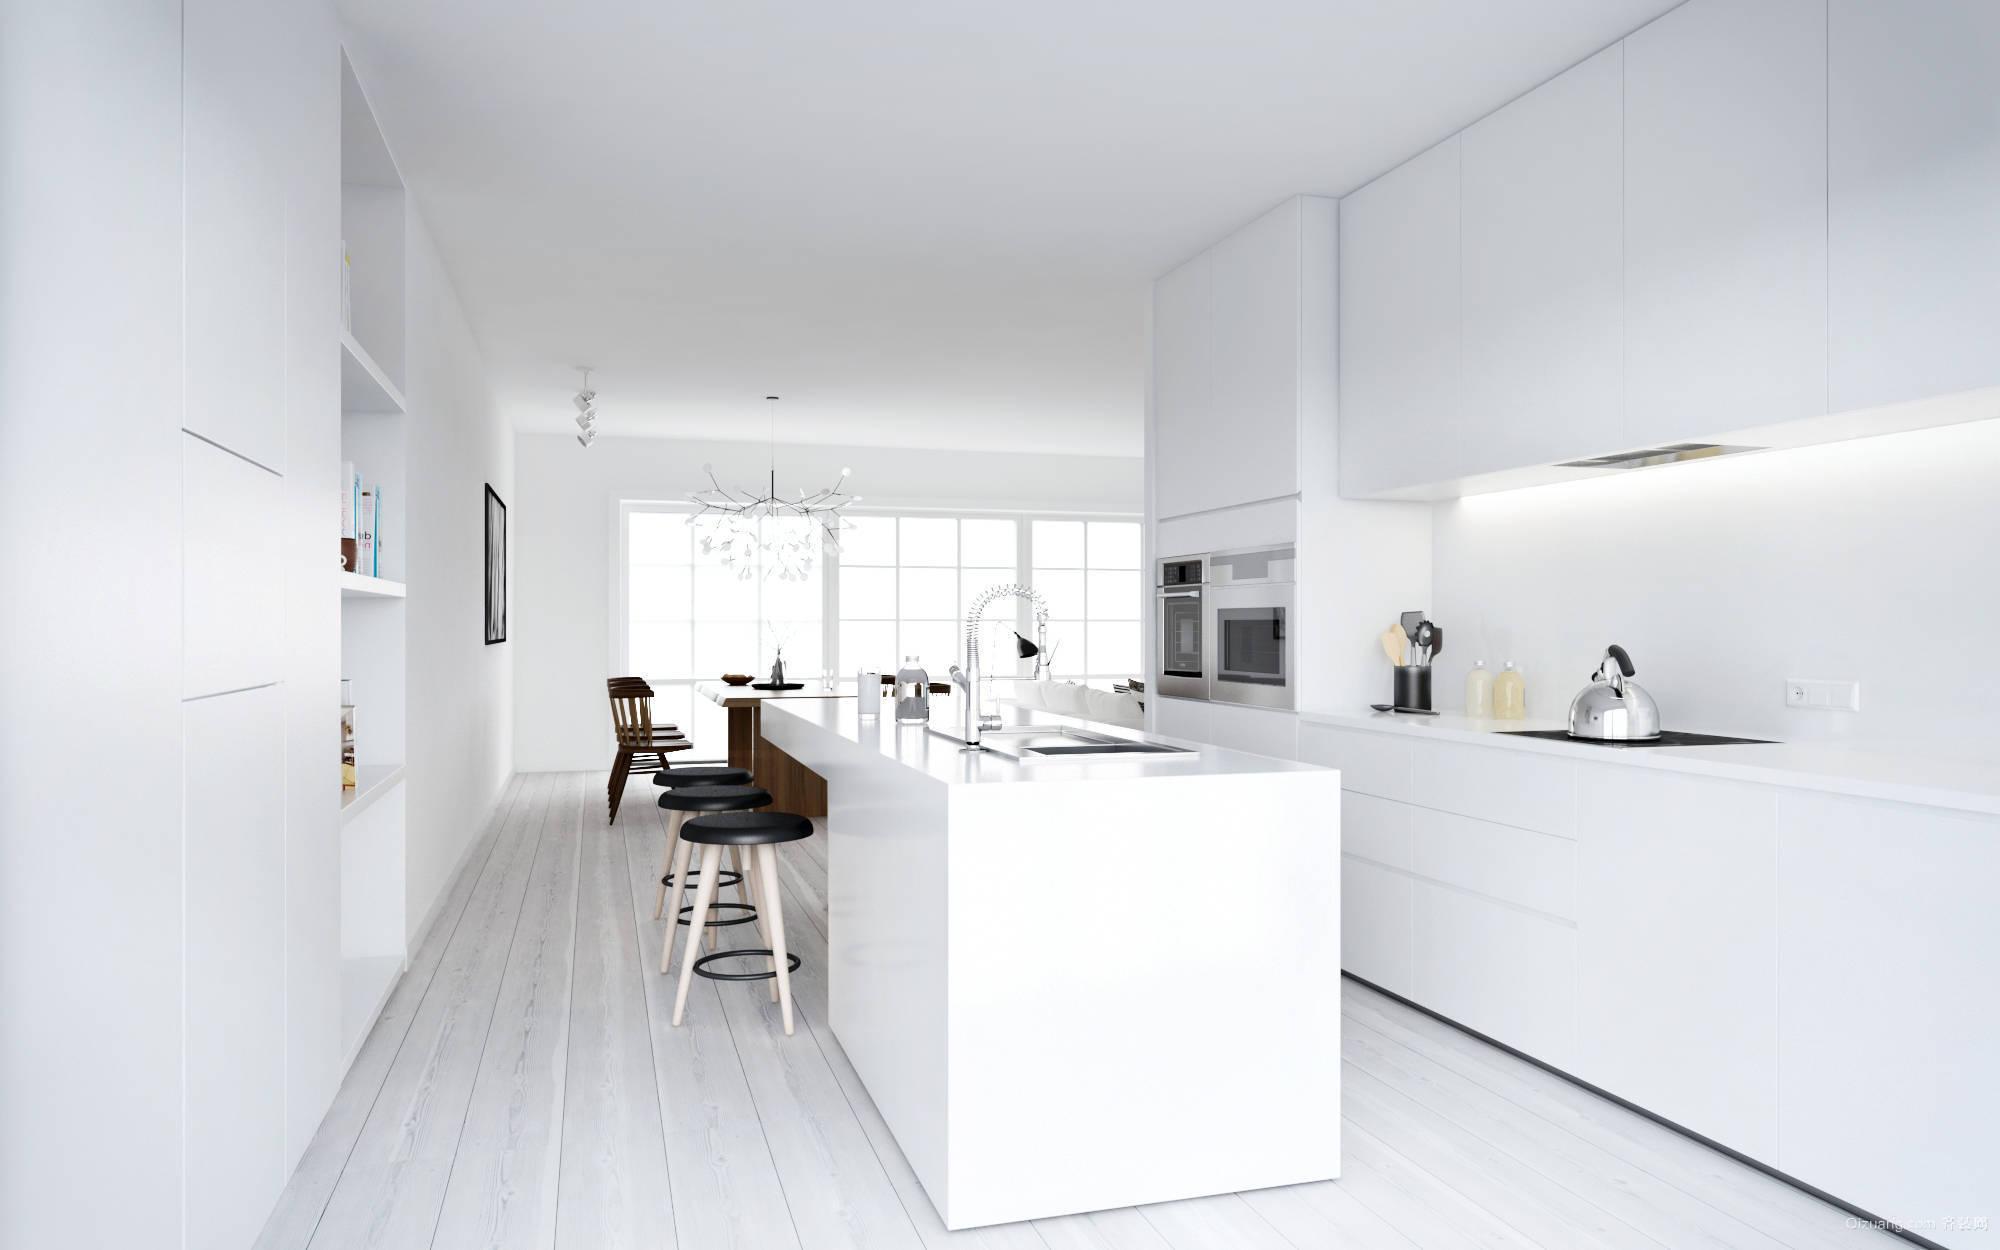 纯净洁白的公寓厨房装修设计效果图